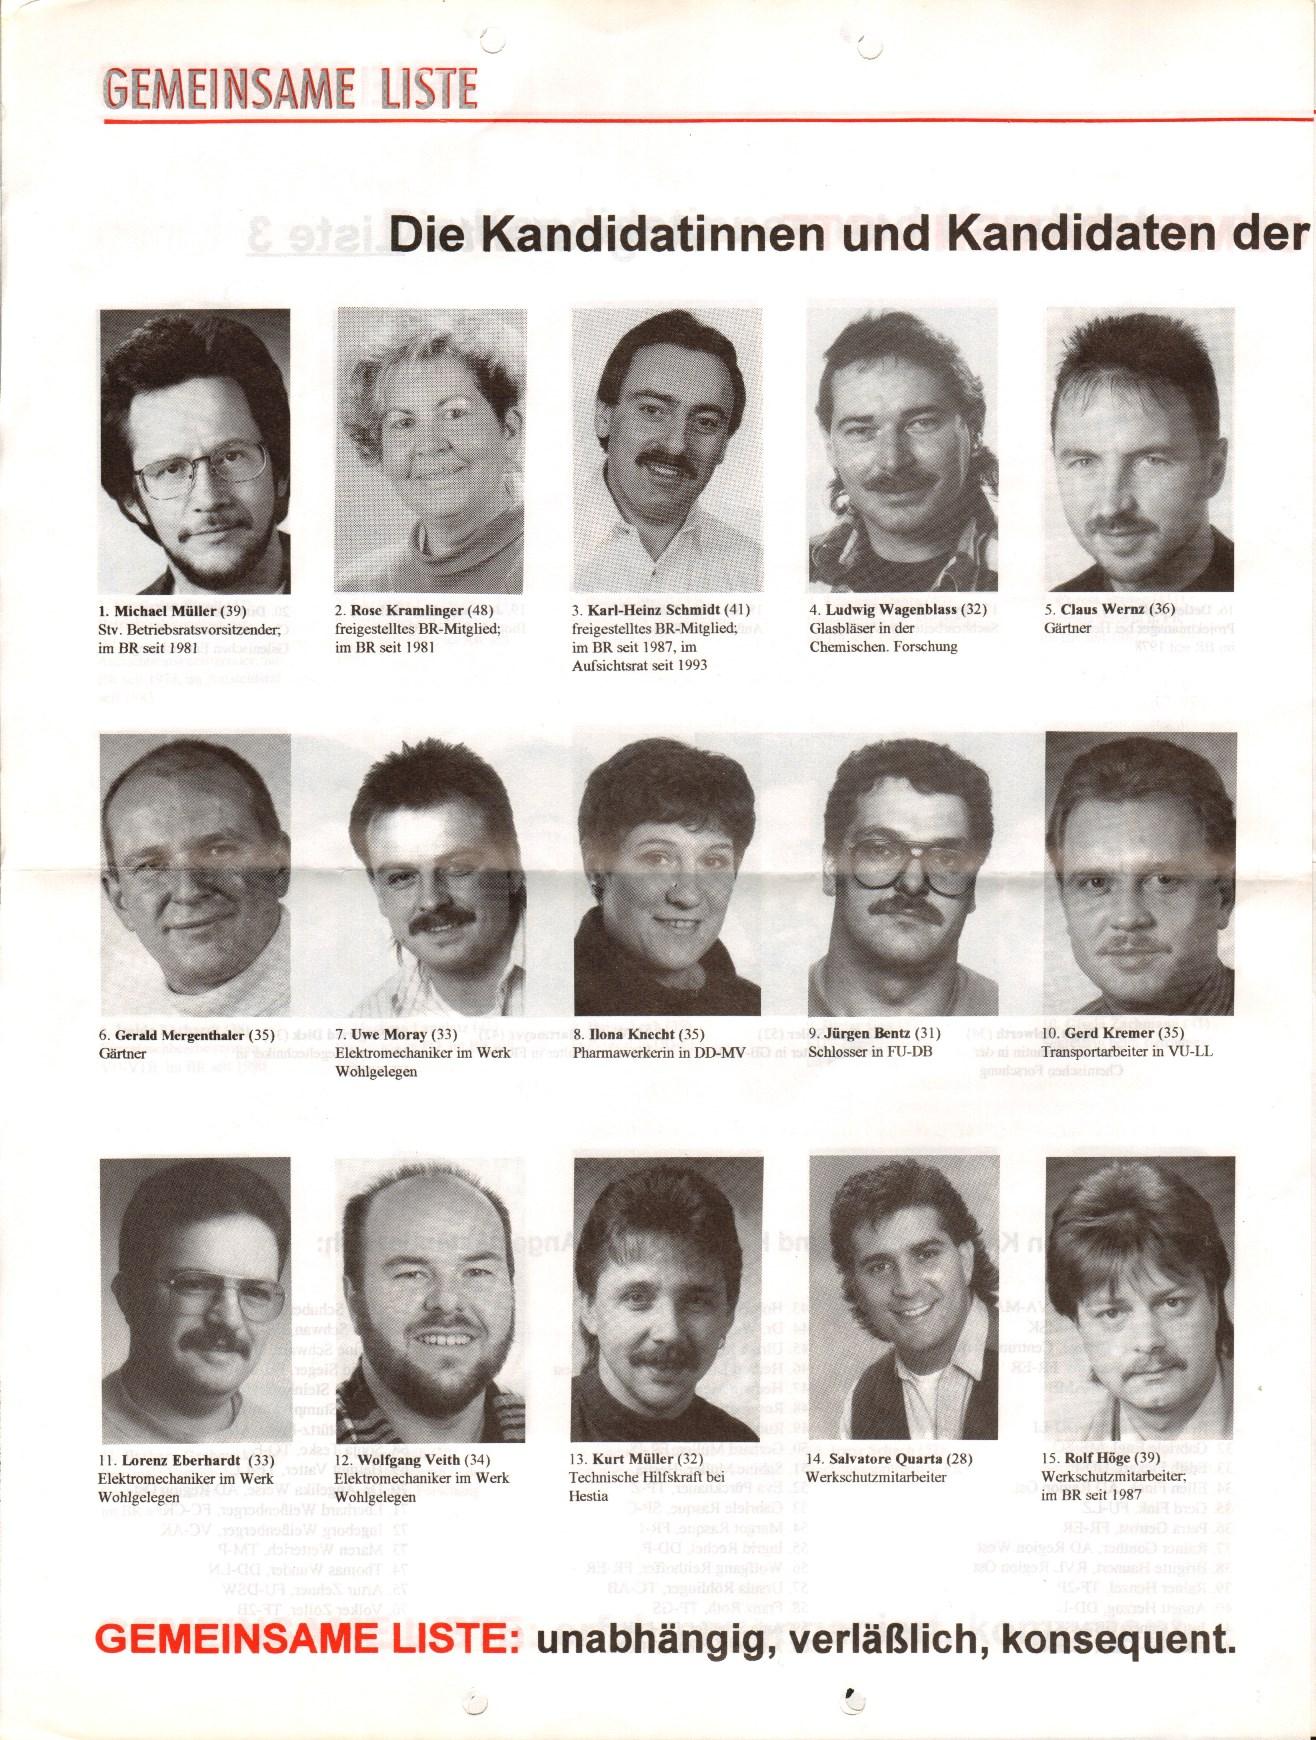 Mannheim_Boehringer_Gemeinsame_Liste_1994_02_04